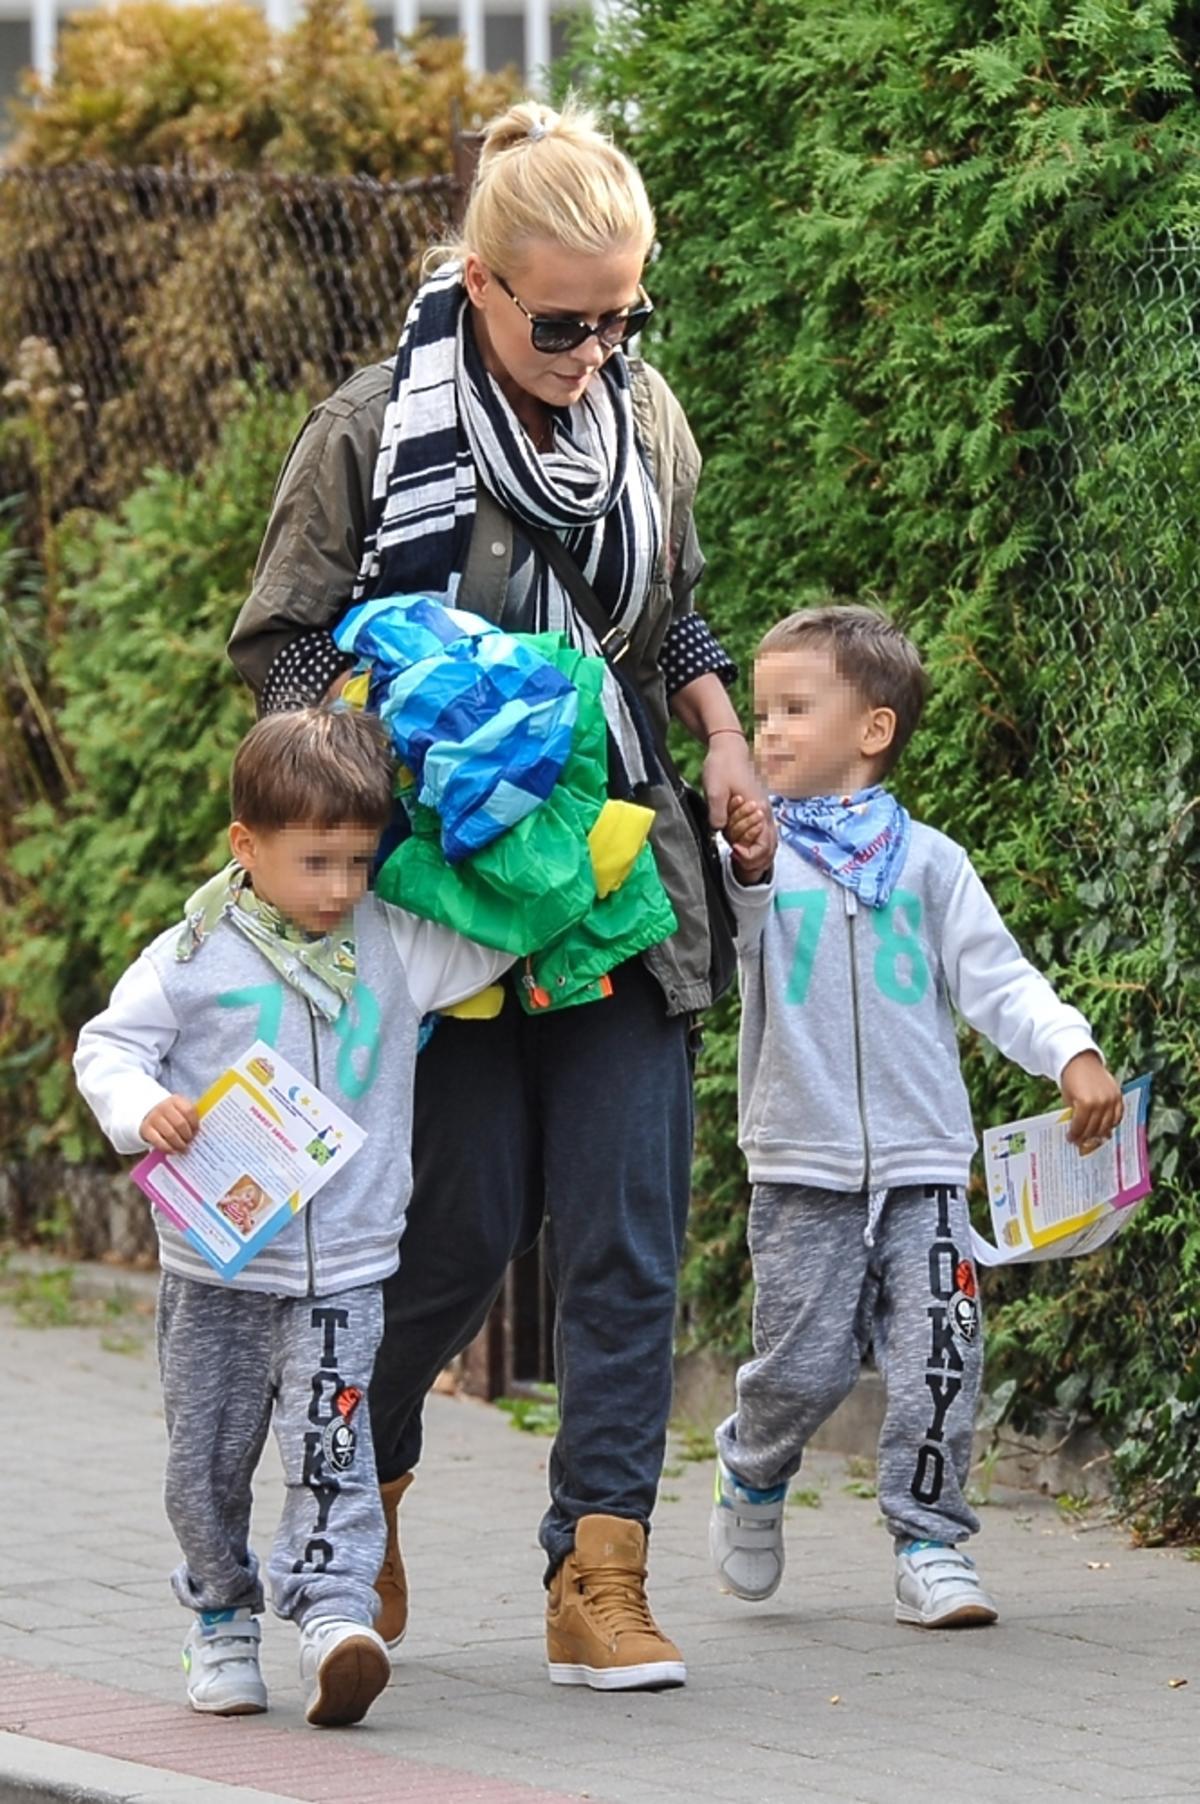 Aneta Zając w dresowych szarych spodnach z synami na ulicy